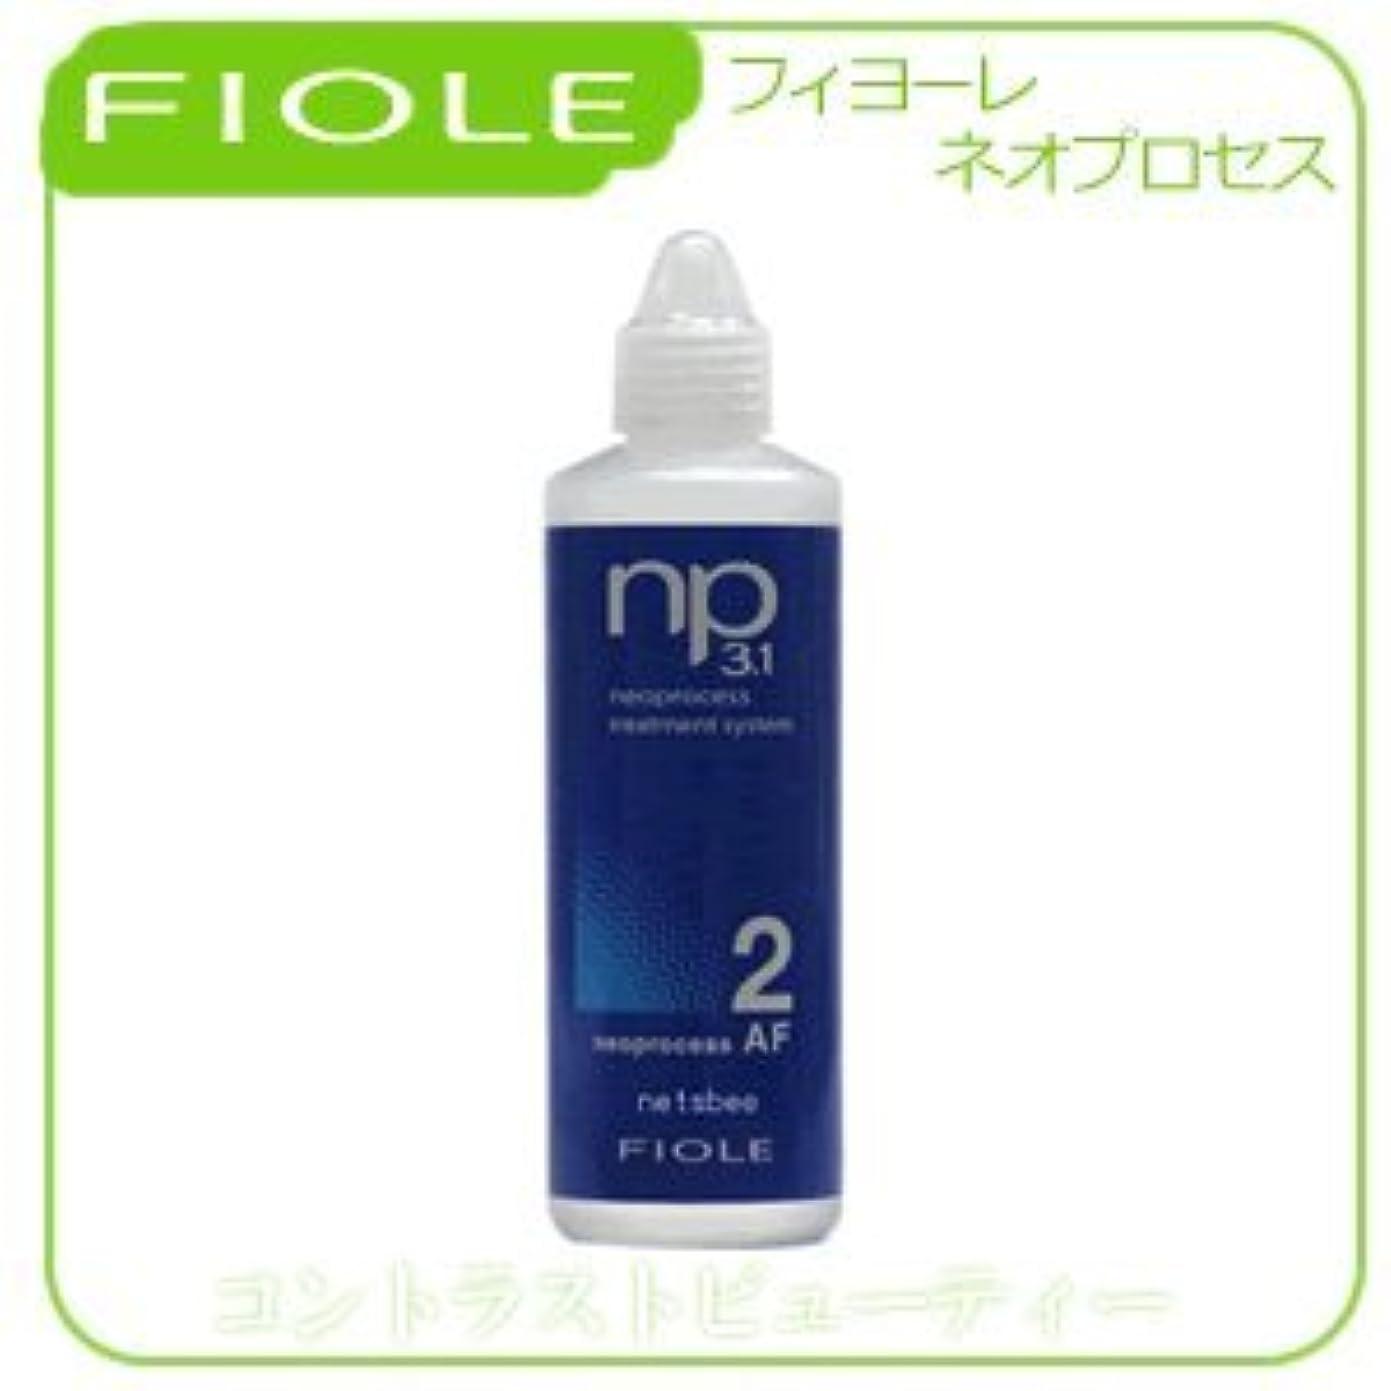 反応するレンディションメロドラマティック【X5個セット】 フィヨーレ NP3.1 ネオプロセス AF2 130ml FIOLE ネオプロセス